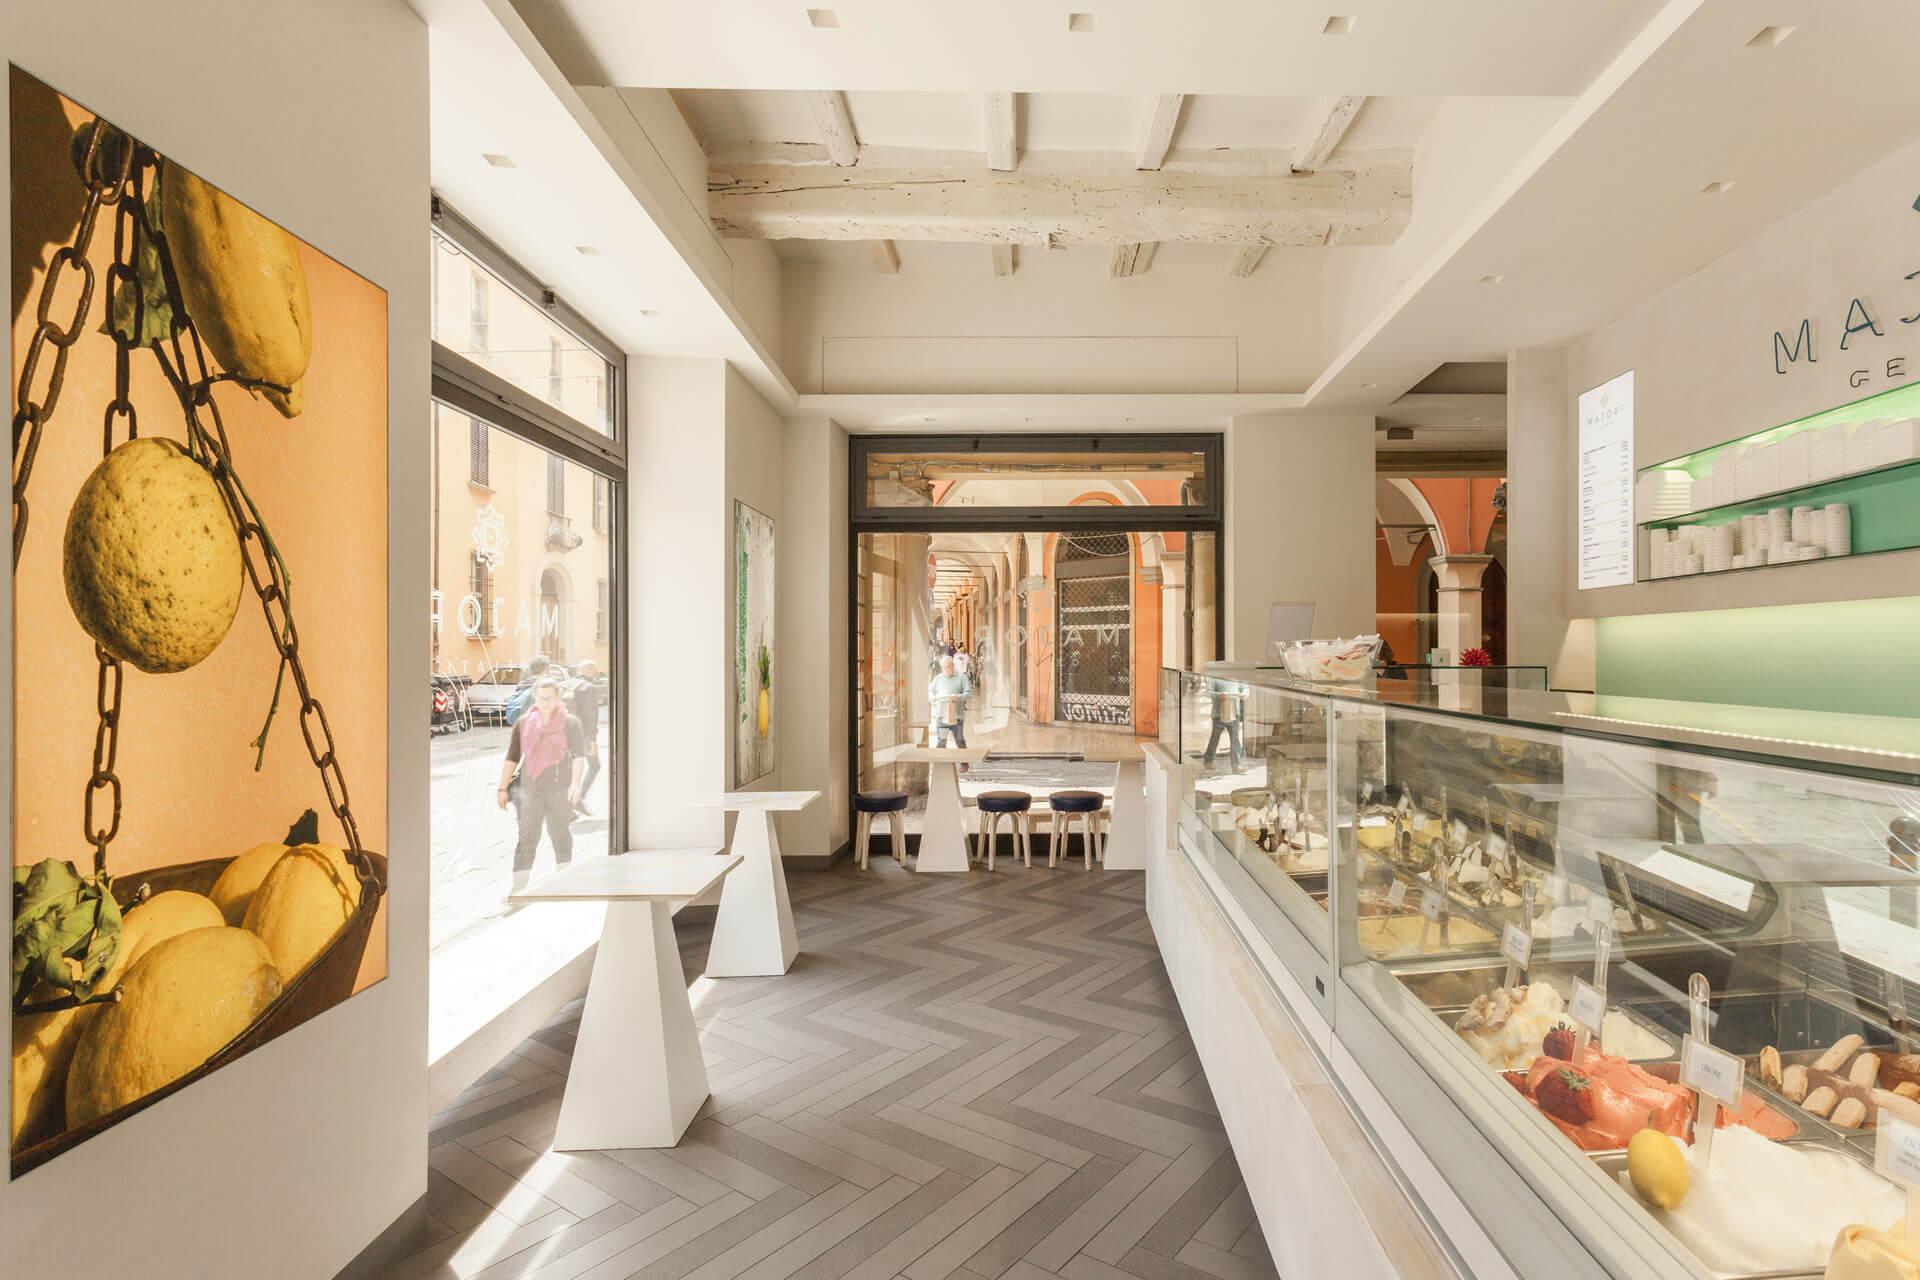 micaela-mazzoni-studio-interior-designer-bologna-progetti-commerciali-gallery-gelateria-majori-bologna